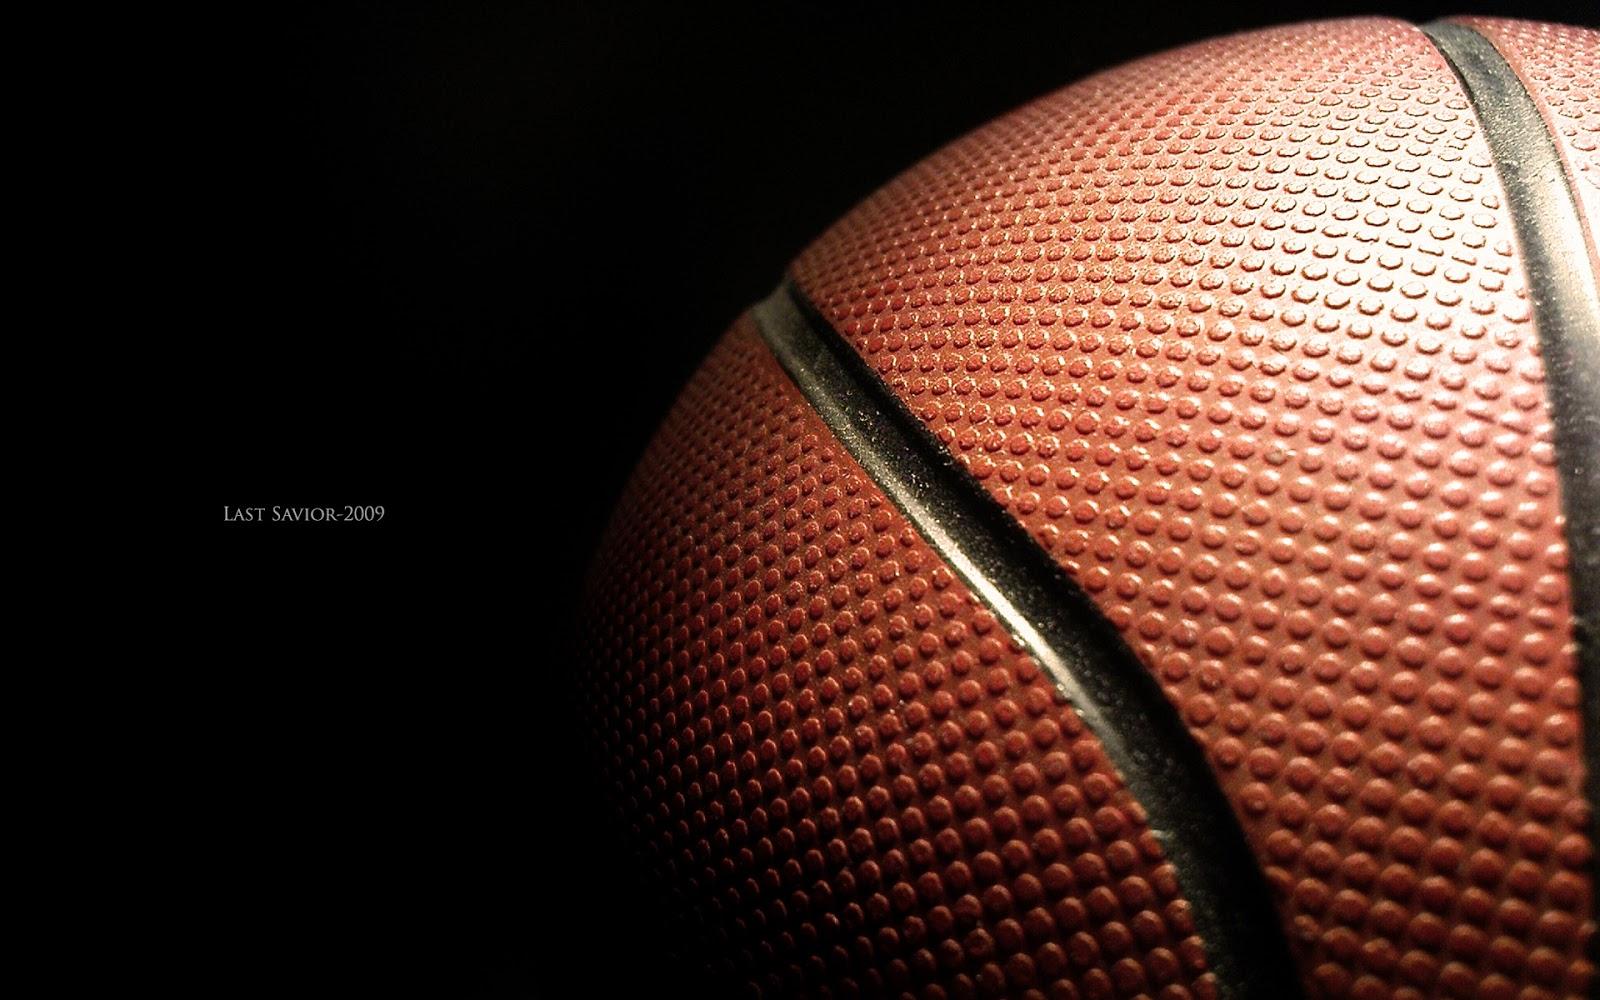 williams basketball wallpapers hd basketball wallpapers hd basketball 1600x1000